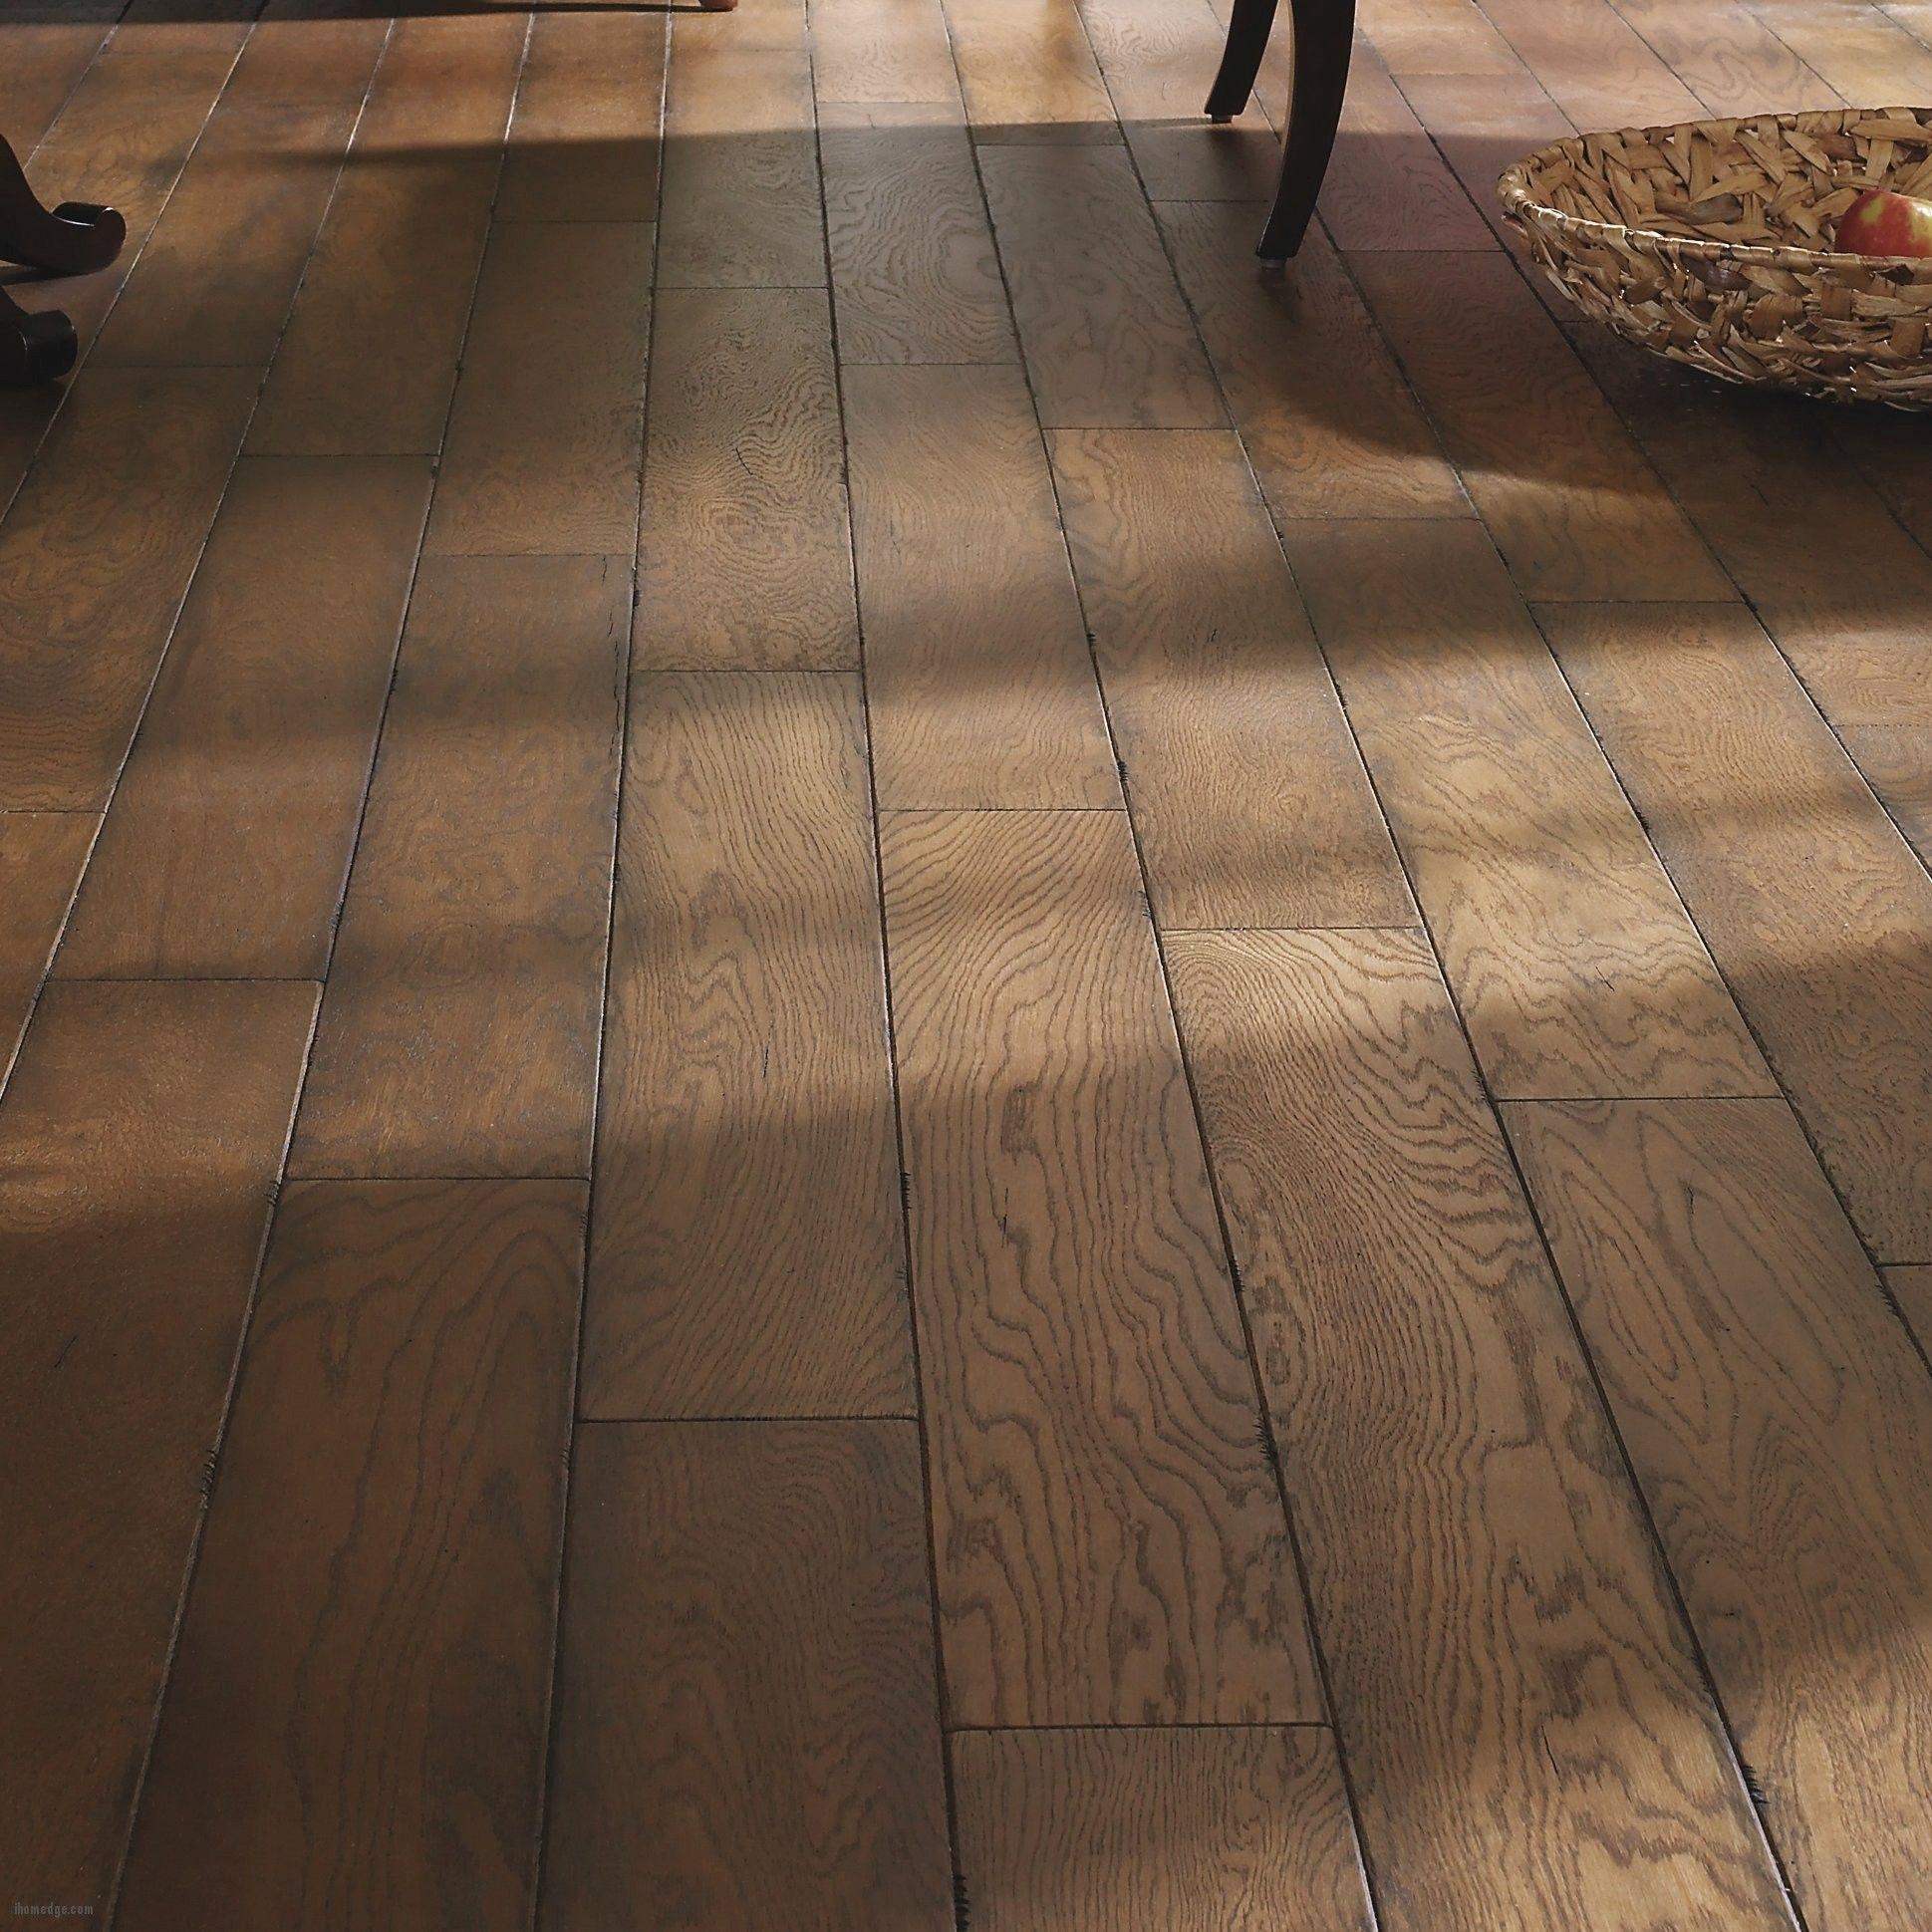 Unique Pre Engineered Wood Flooring Vs Laminate